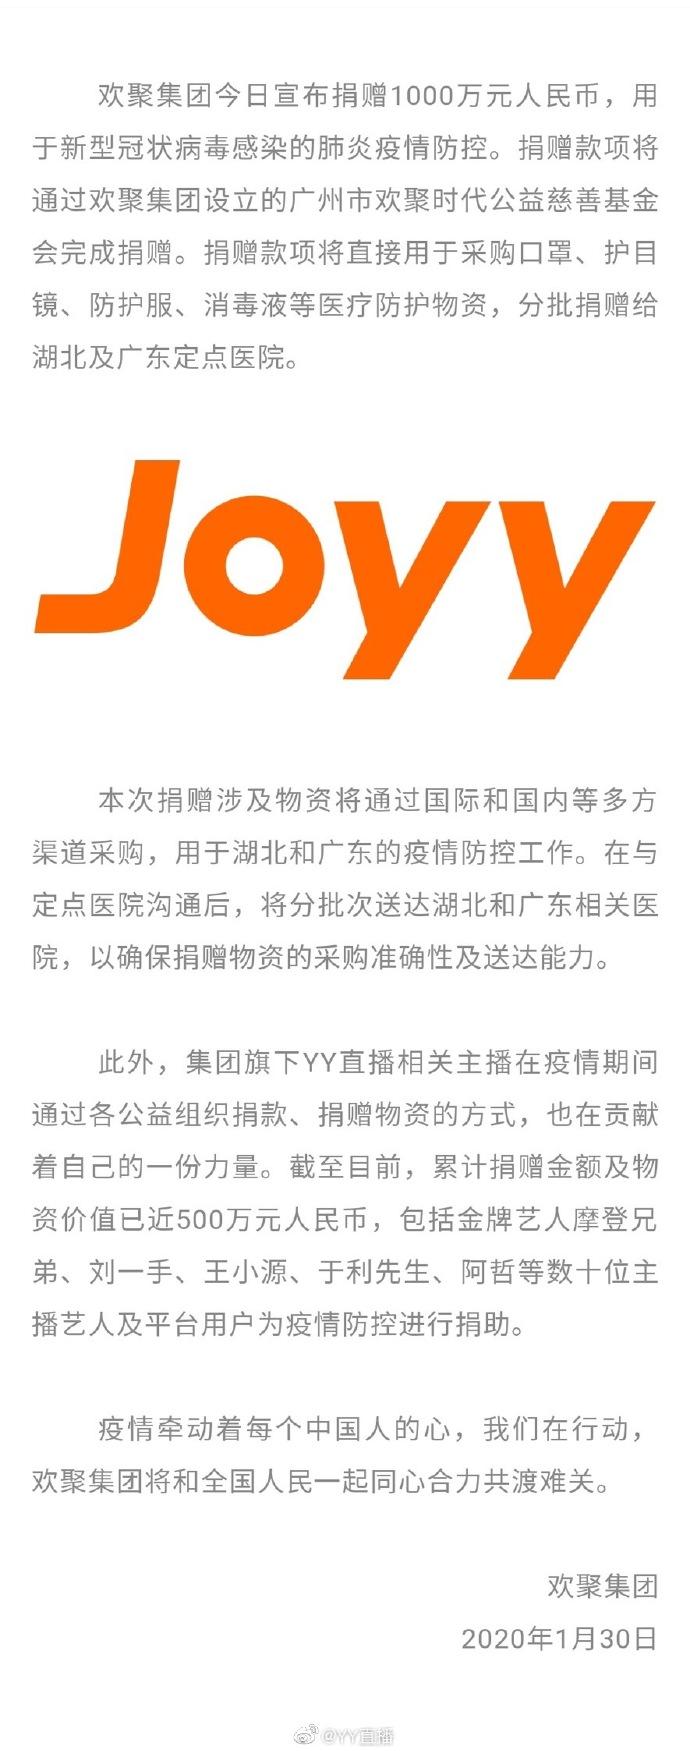 欢聚集团宣布捐赠1000万元人民币-玩懂手机网 - 玩懂手机第一手的手机资讯网(www.wdshouji.com)